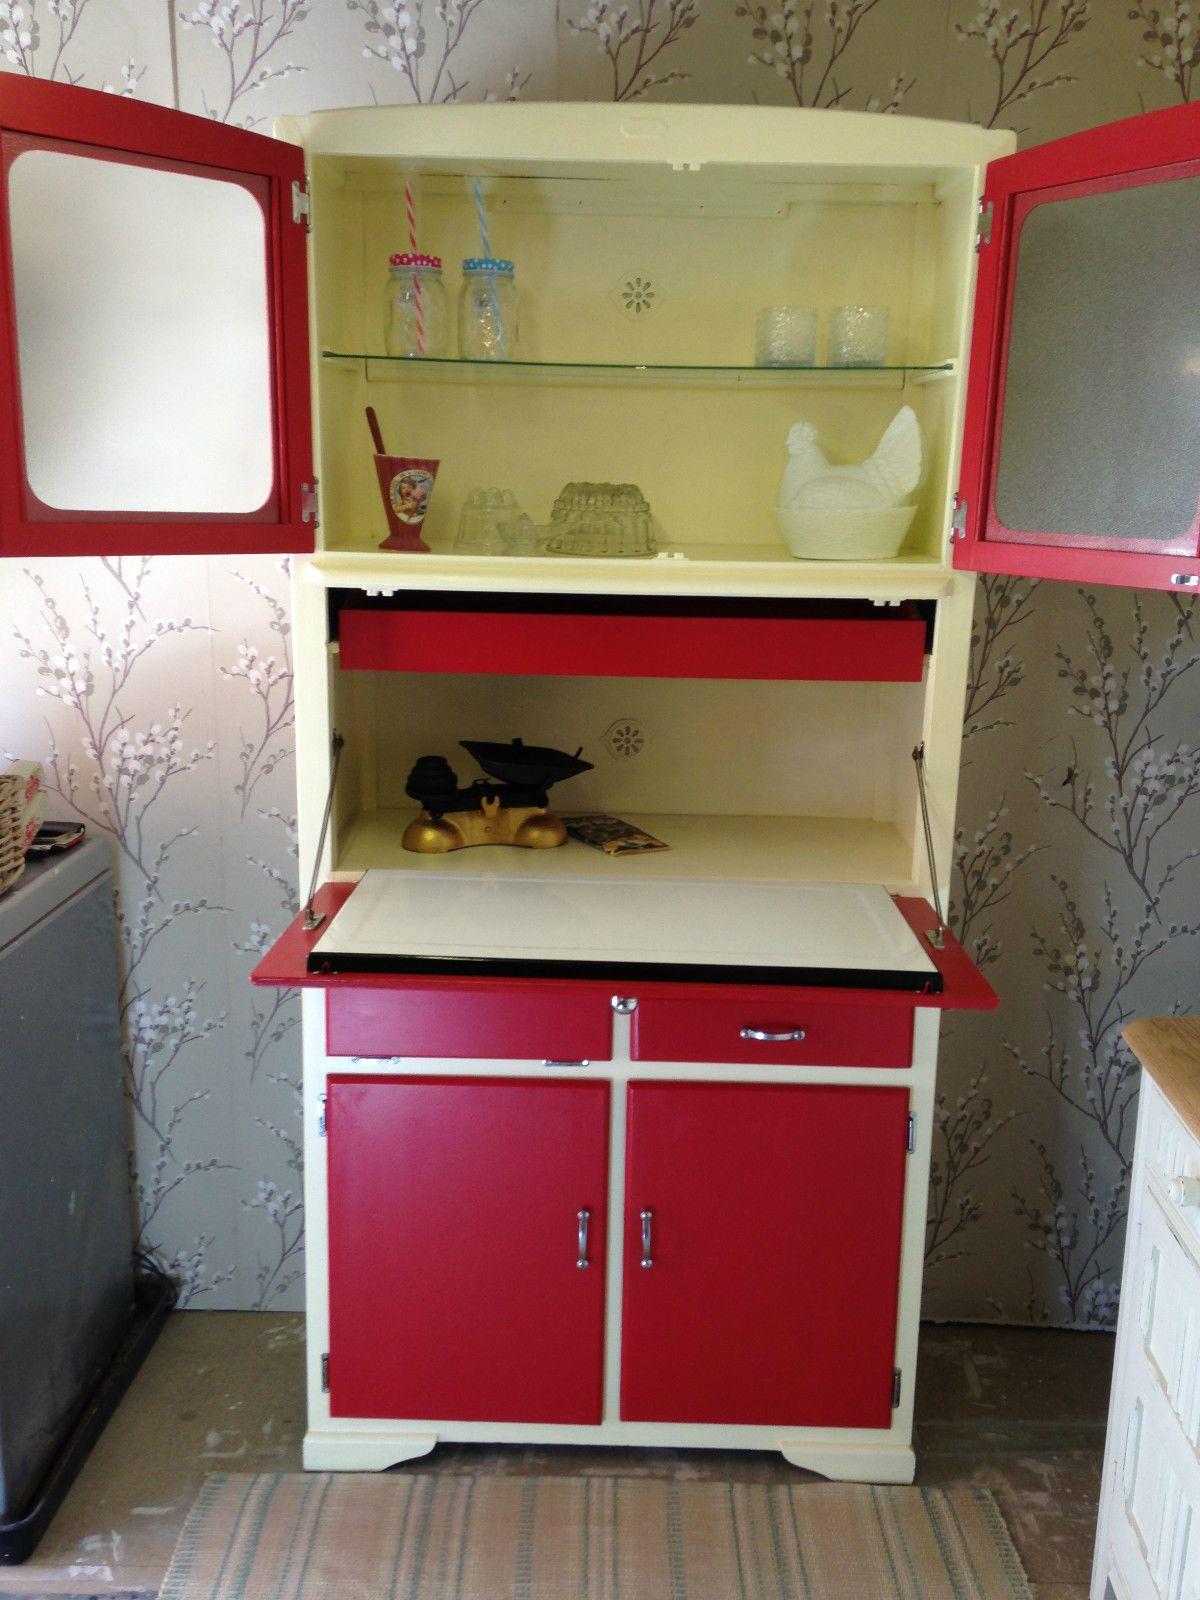 60S Kitchen Vintage Retro Kitchenette Larder Mid Century 50's 60's Kitchen